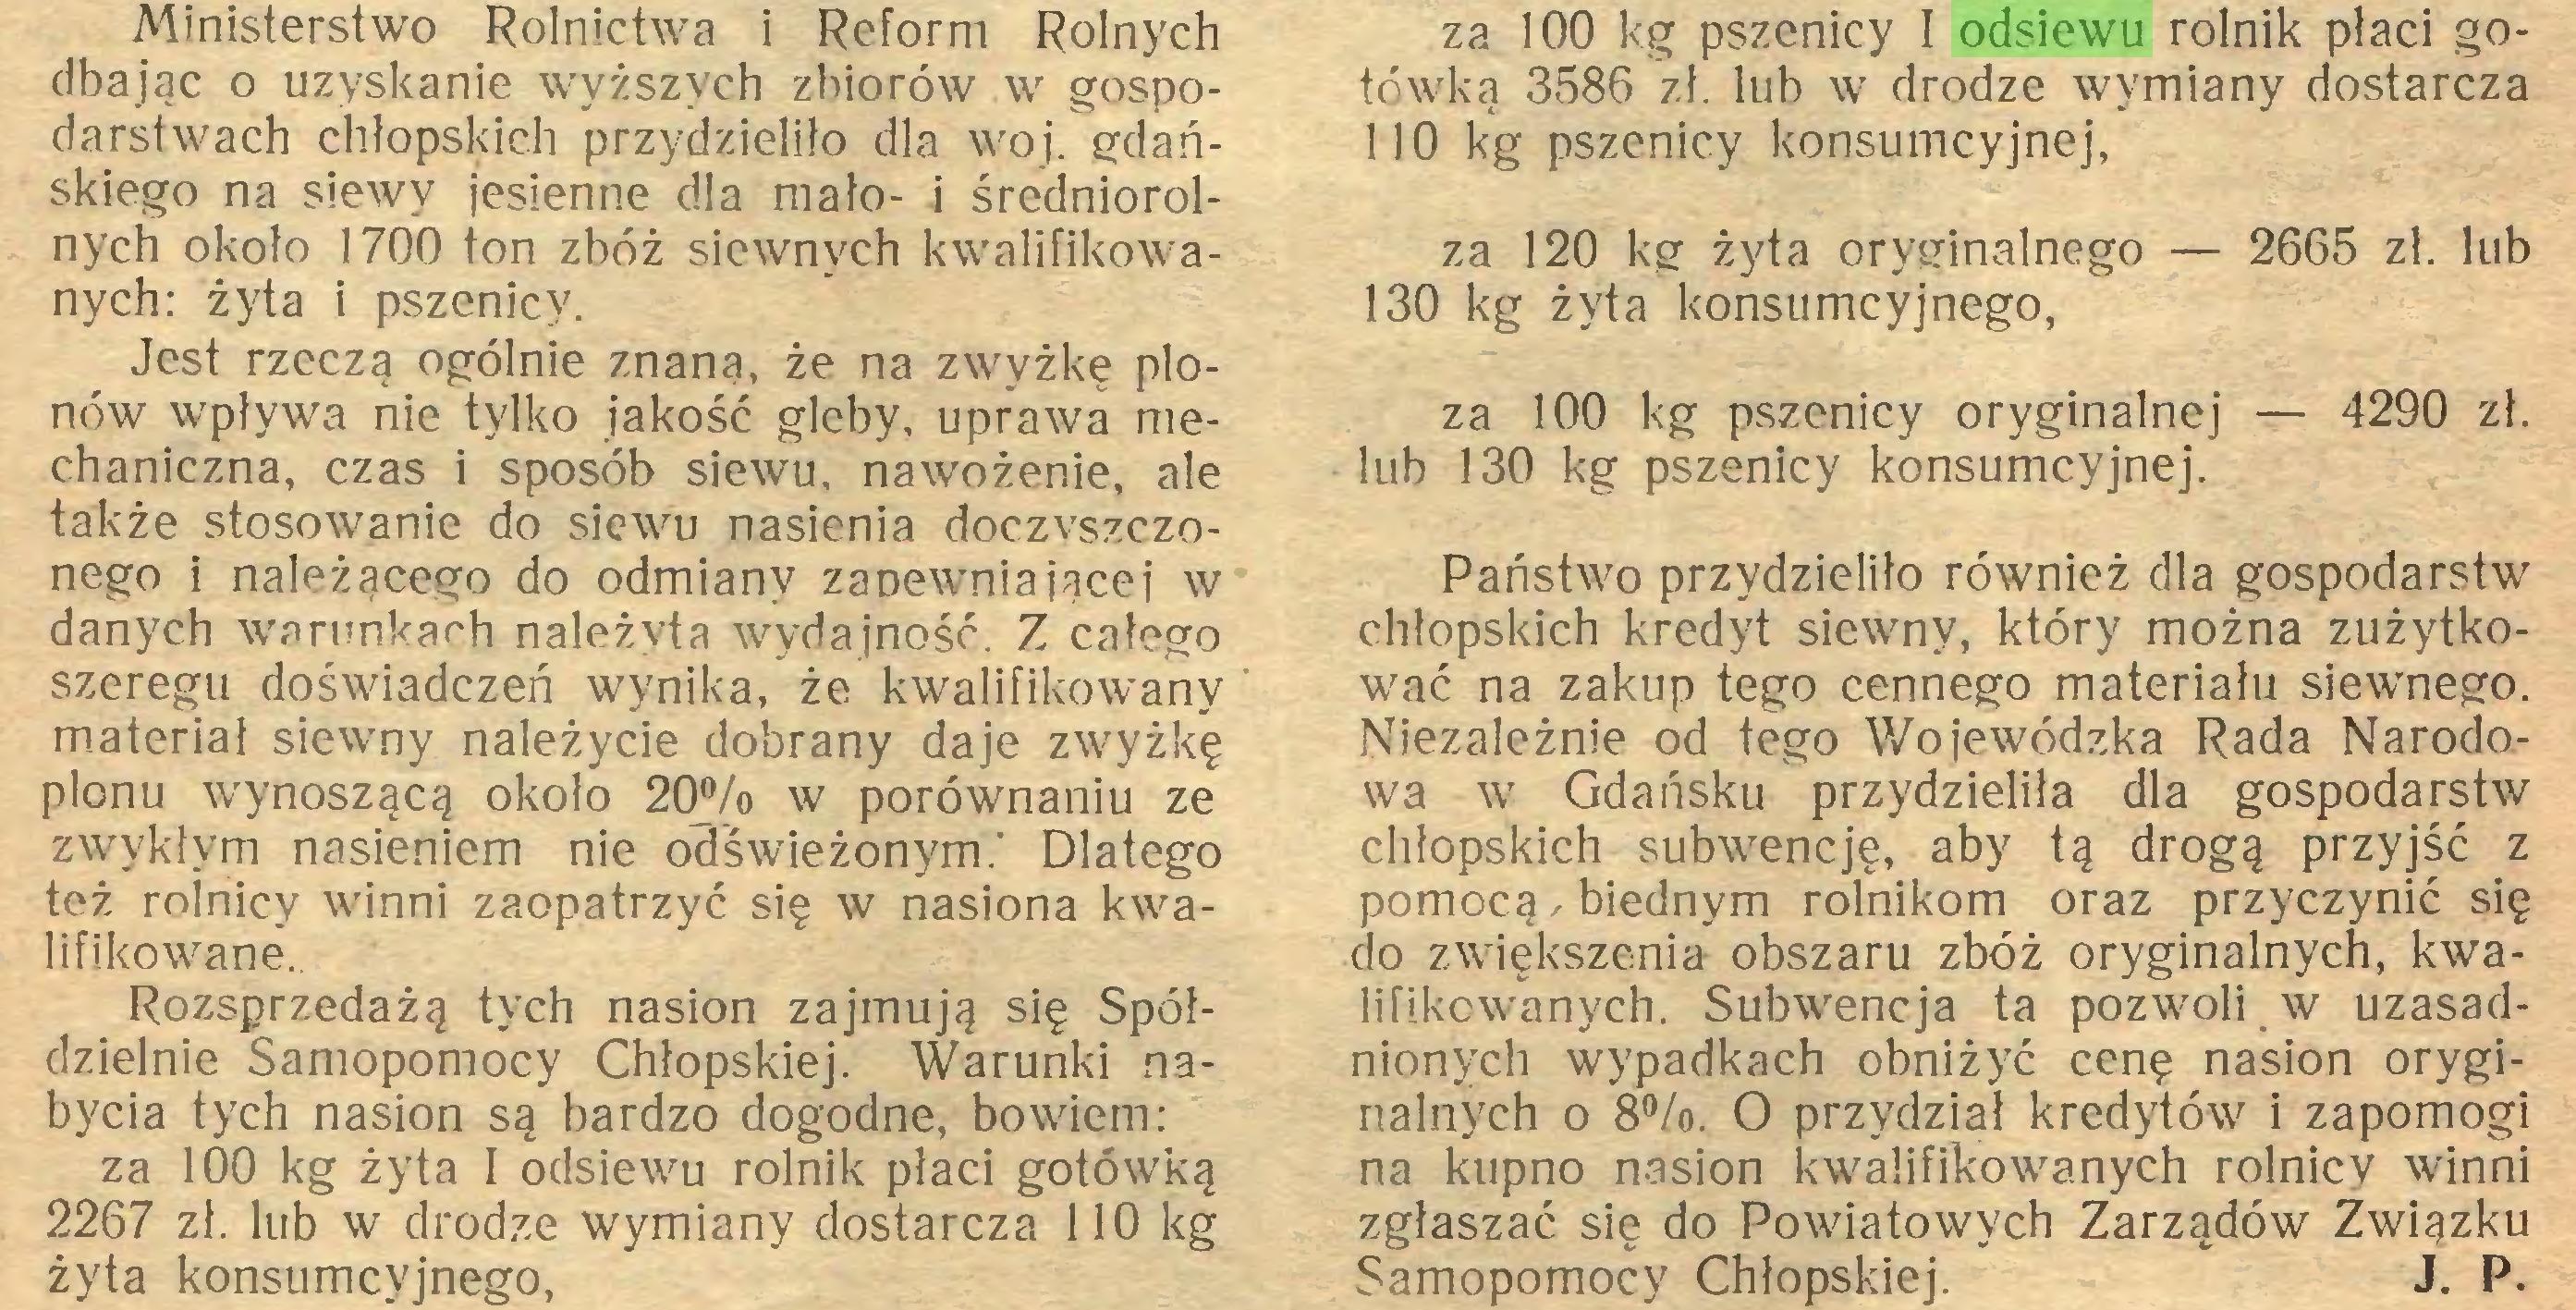 (...) Rozsprzedażą tych nasion zajmują się Spółdzielnie Samopomocy Chłopskiej. Warunki nabycia tych nasion są bardzo dogodne, bowiem: za 100 kg żyta I odsiewu rolnik płaci gotówką 2267 zł. lub w drodze wymiany dostarcza 110 kg żyta konsumcyjnego, za 100 kg pszenicy I odsiewu rolnik płaci gotówką 3586 zł. lub w drodze wymiany dostarcza 110 kg pszenicy konsumcyjnej, za 120 kg żyta oryginalnego — 2665 zł. lub 130 kg żyta konsumcyjnego, za 100 kg pszenicy oryginalnej — 4290 zł...